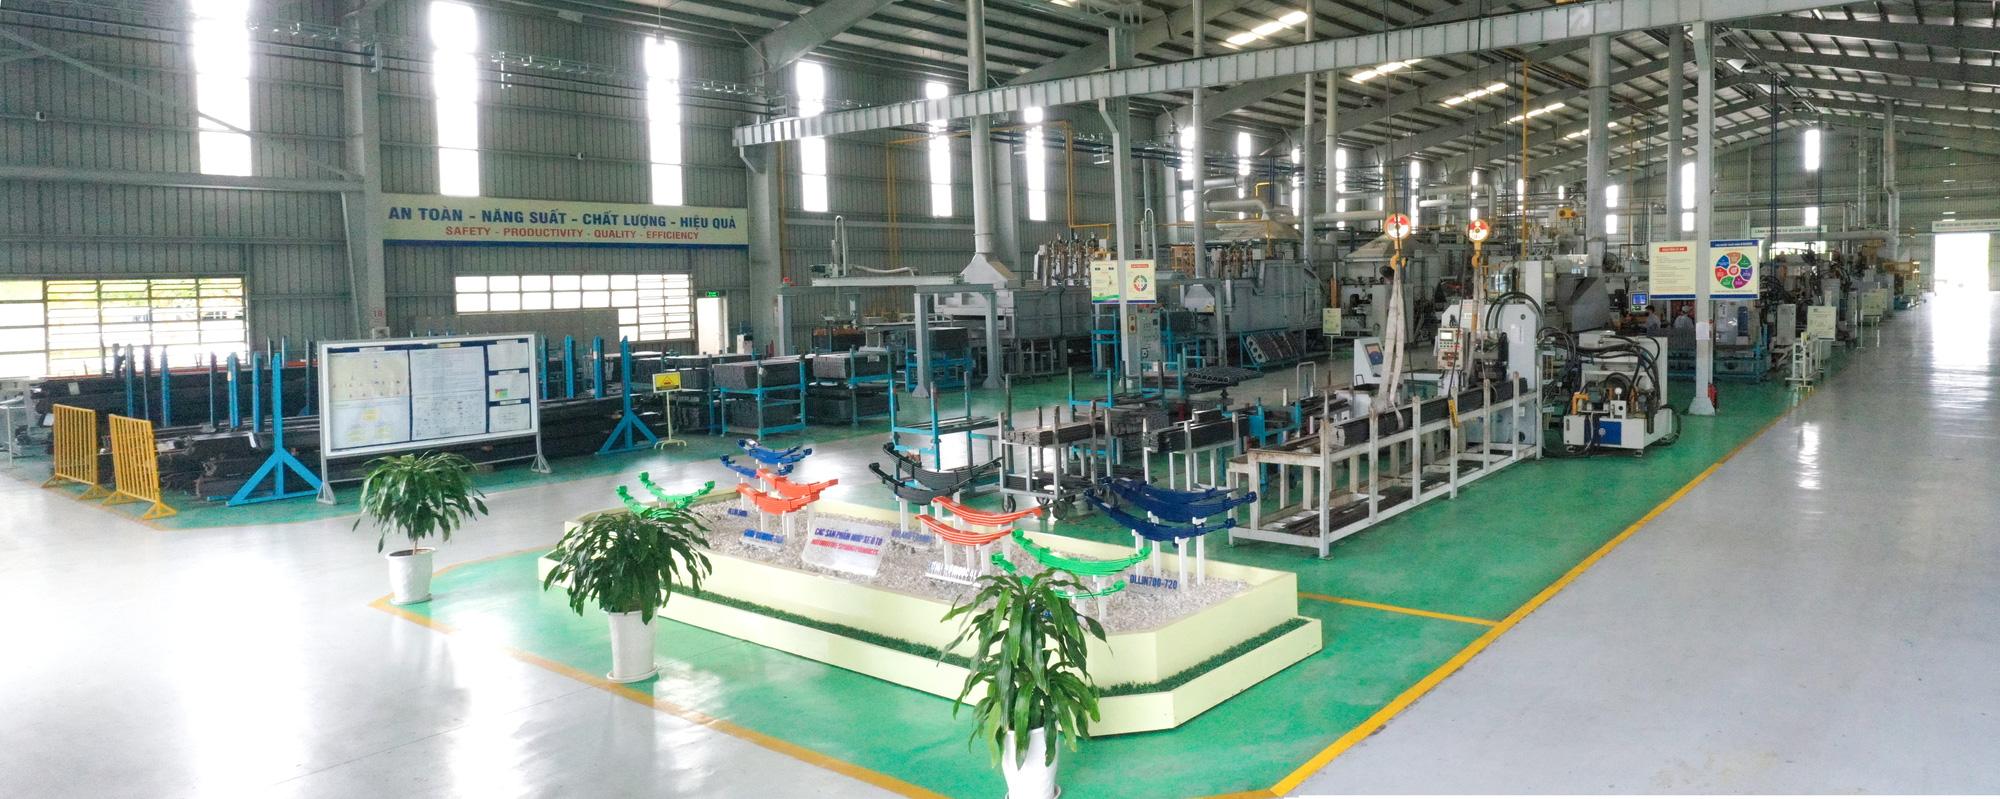 THACO liên kết với tập đoàn Daewon đẩy mạnh xuất khẩu nhíp ô tô - Ảnh 1.